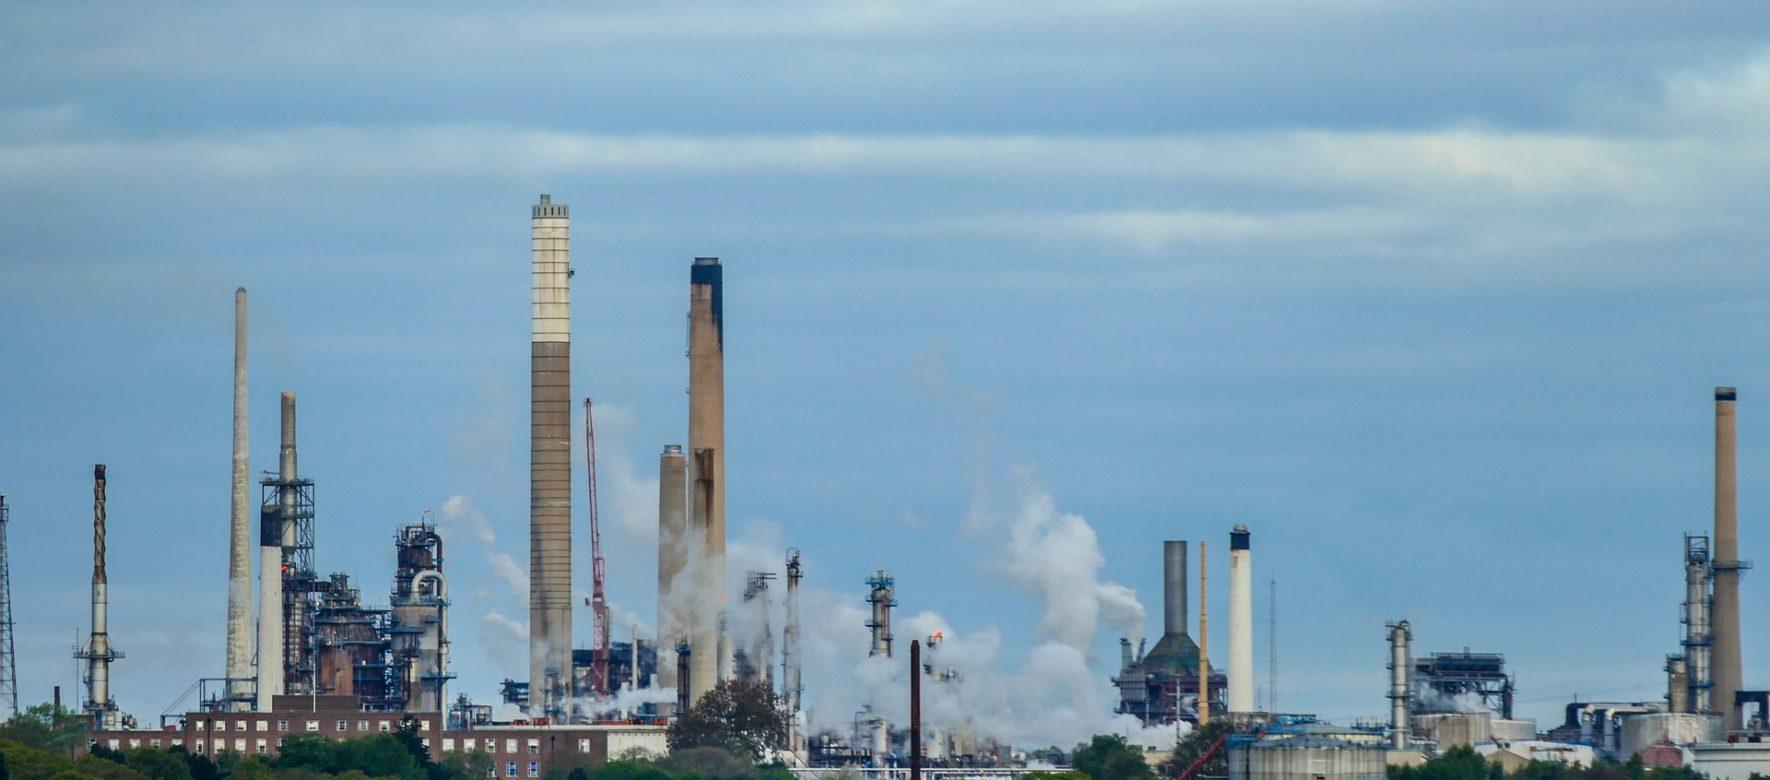 Egypte : Petrogulf Misr vient d'annoncer la découverte d'un gisement d'environ 70 millions de barils de pétrole brut